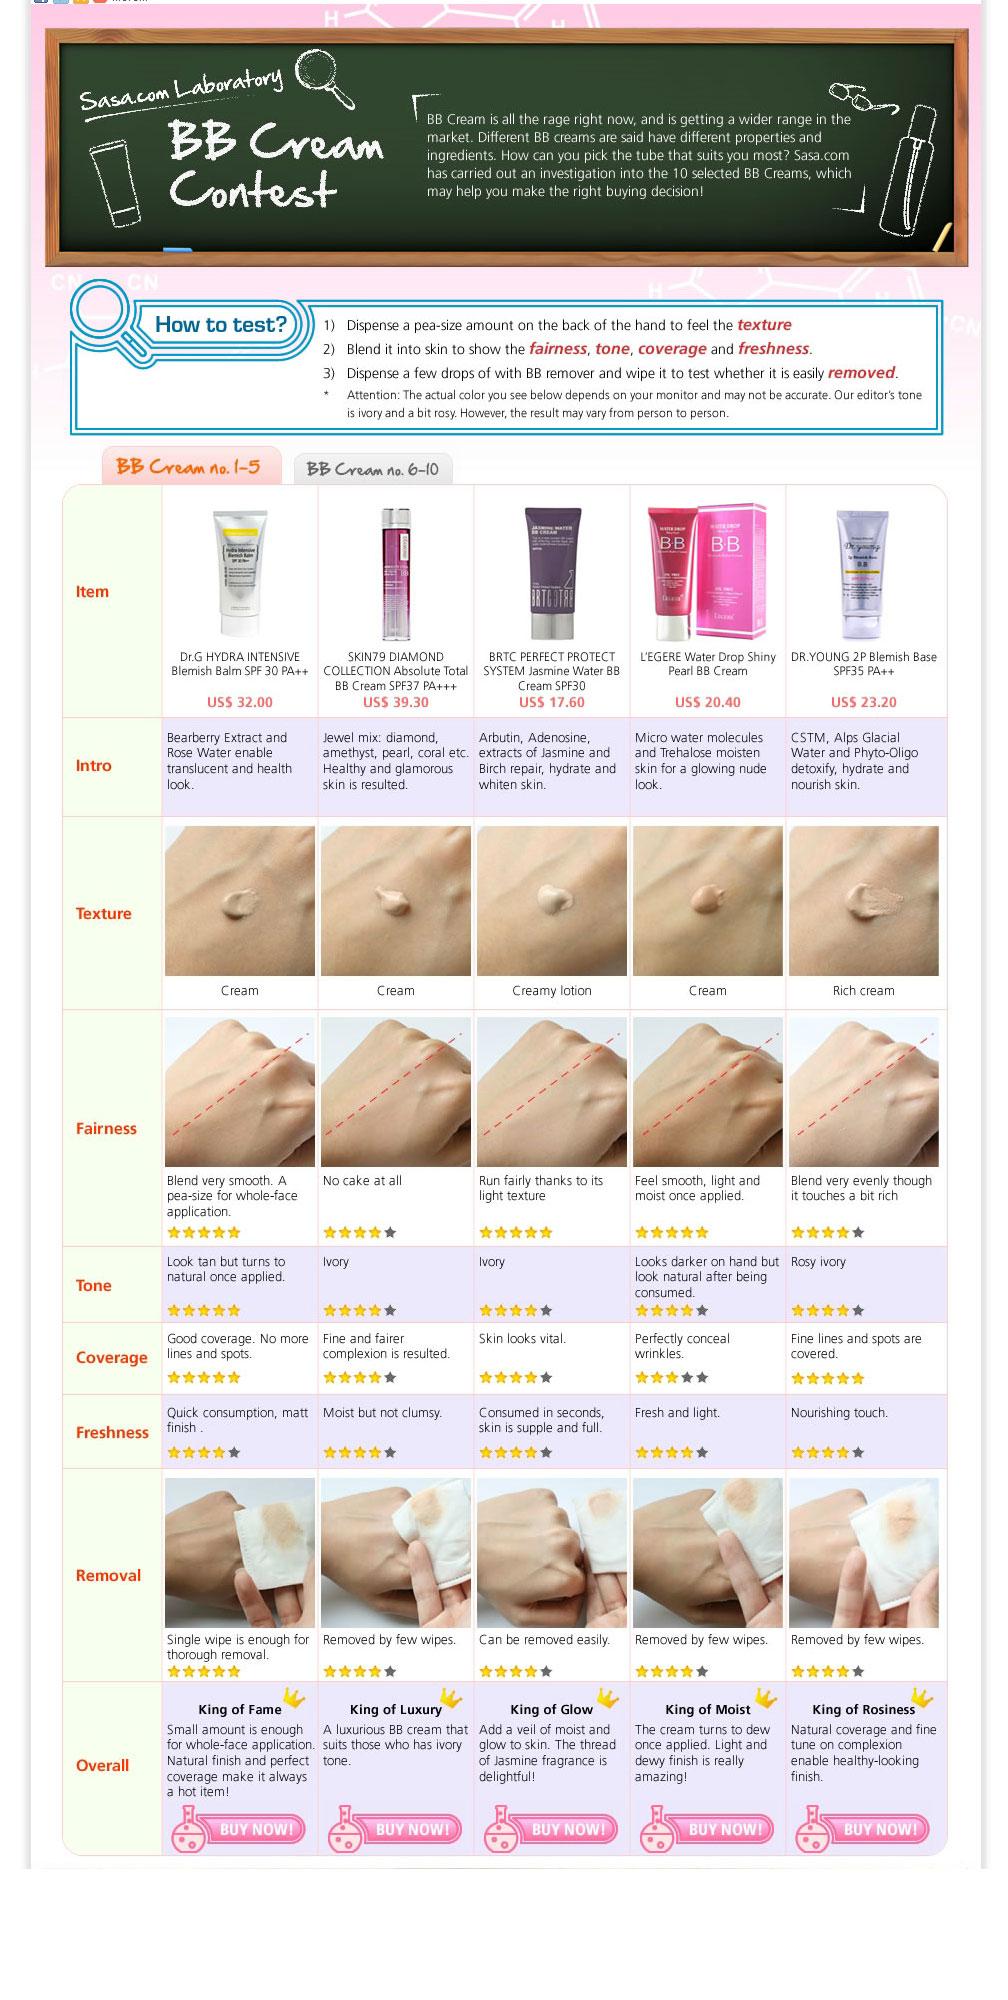 bb-creams-1-6